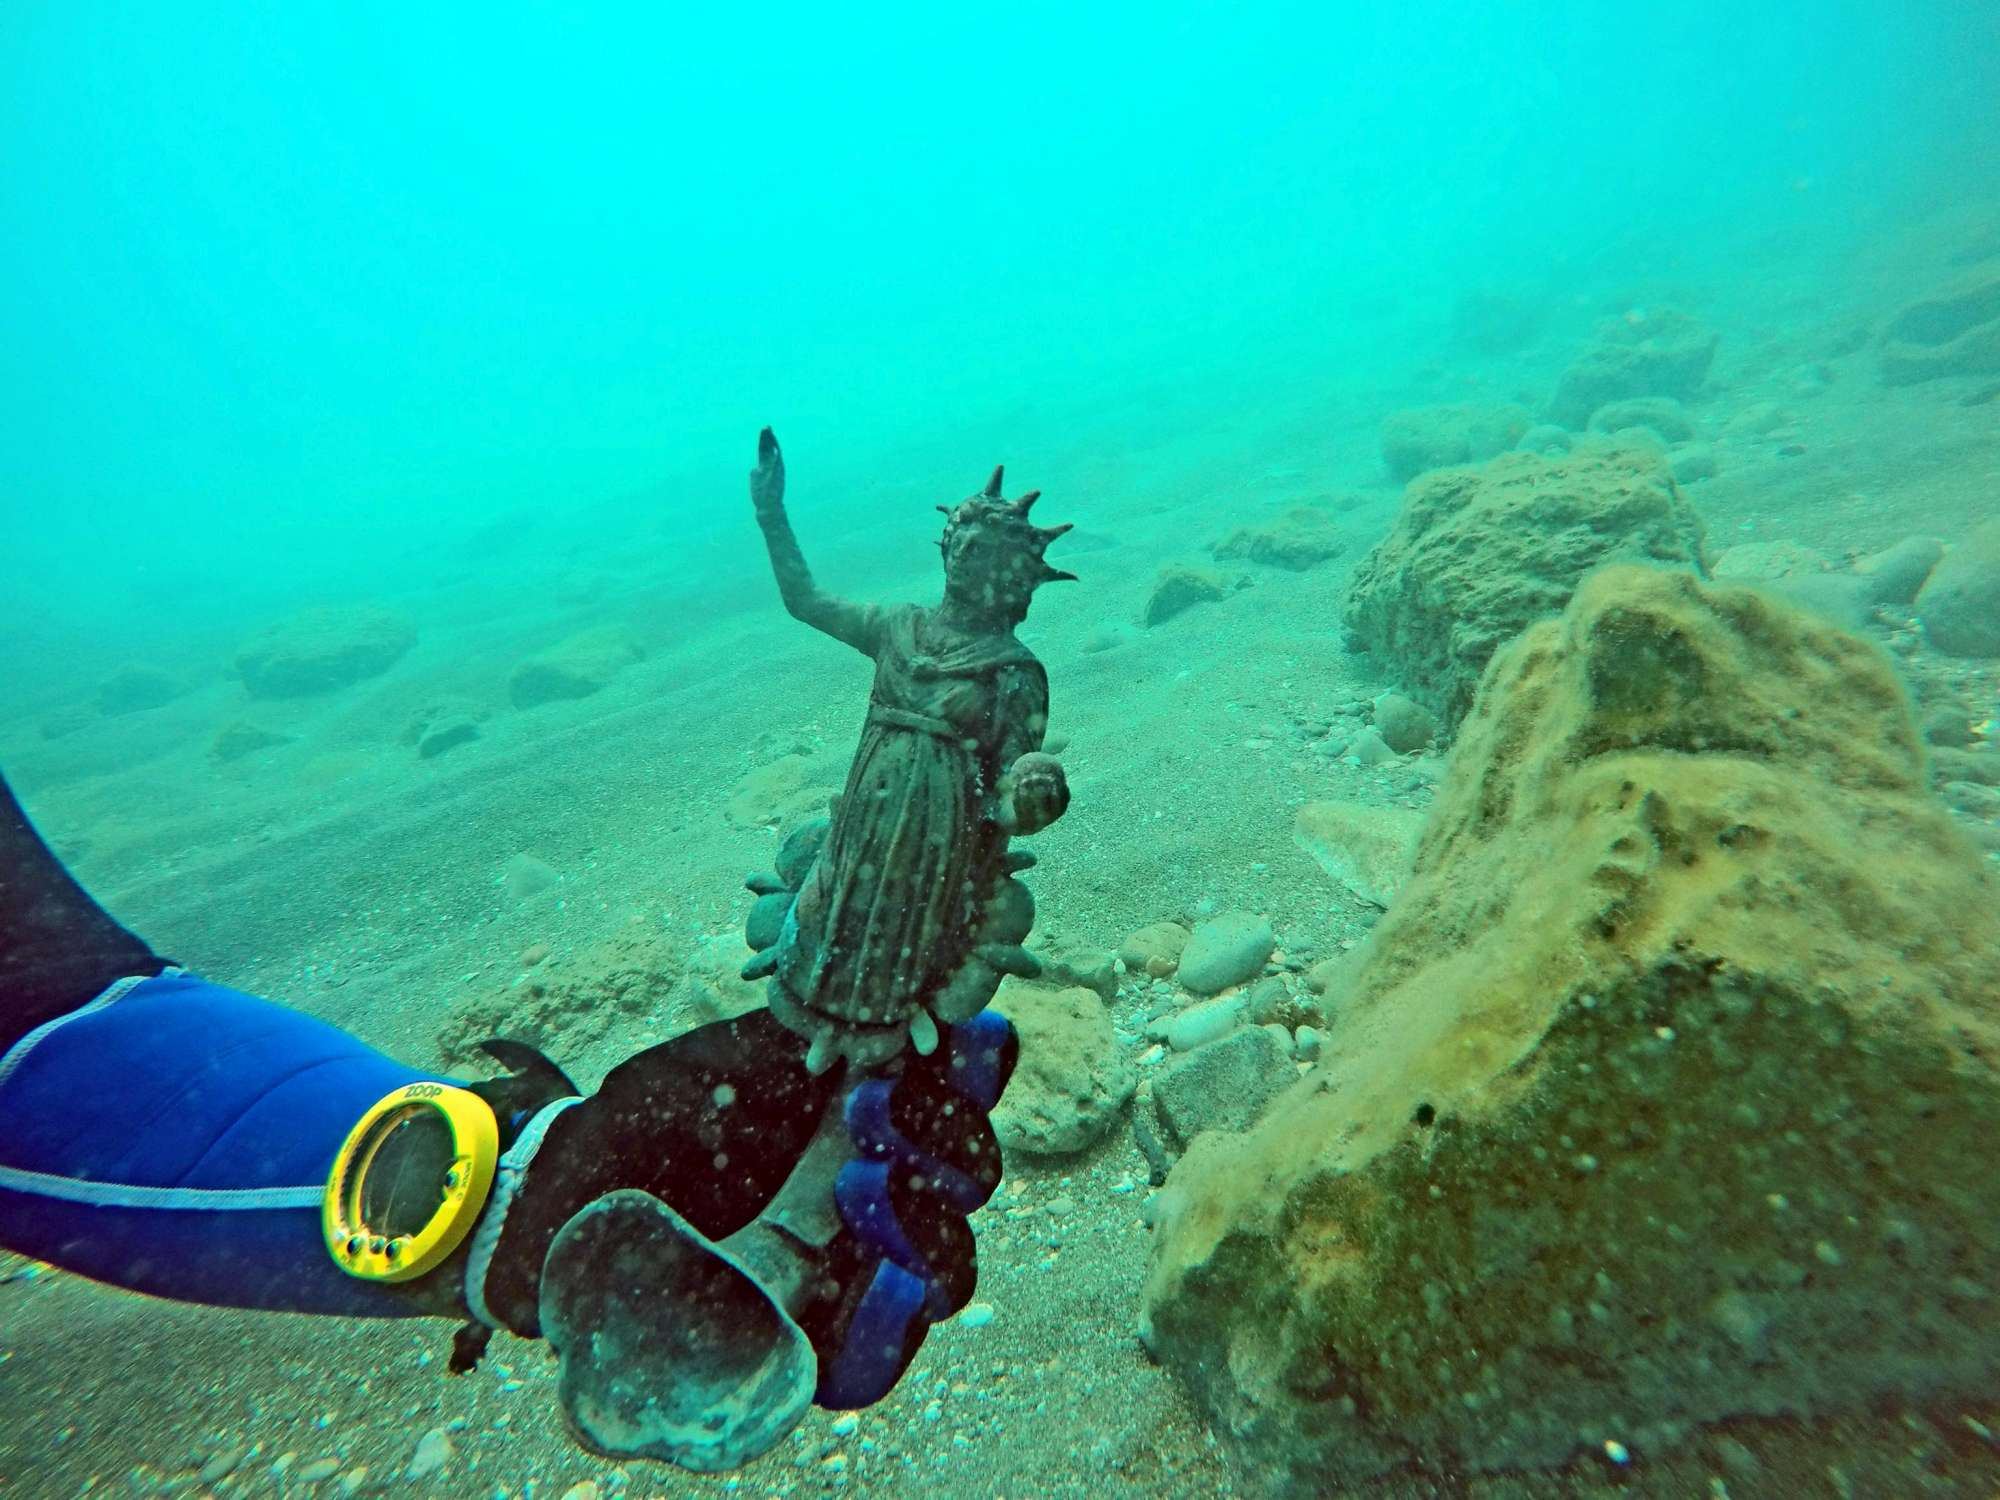 Ritrovato un carico spettacolare in un relitto di una nave romana nei pressi del porto di Cesarea